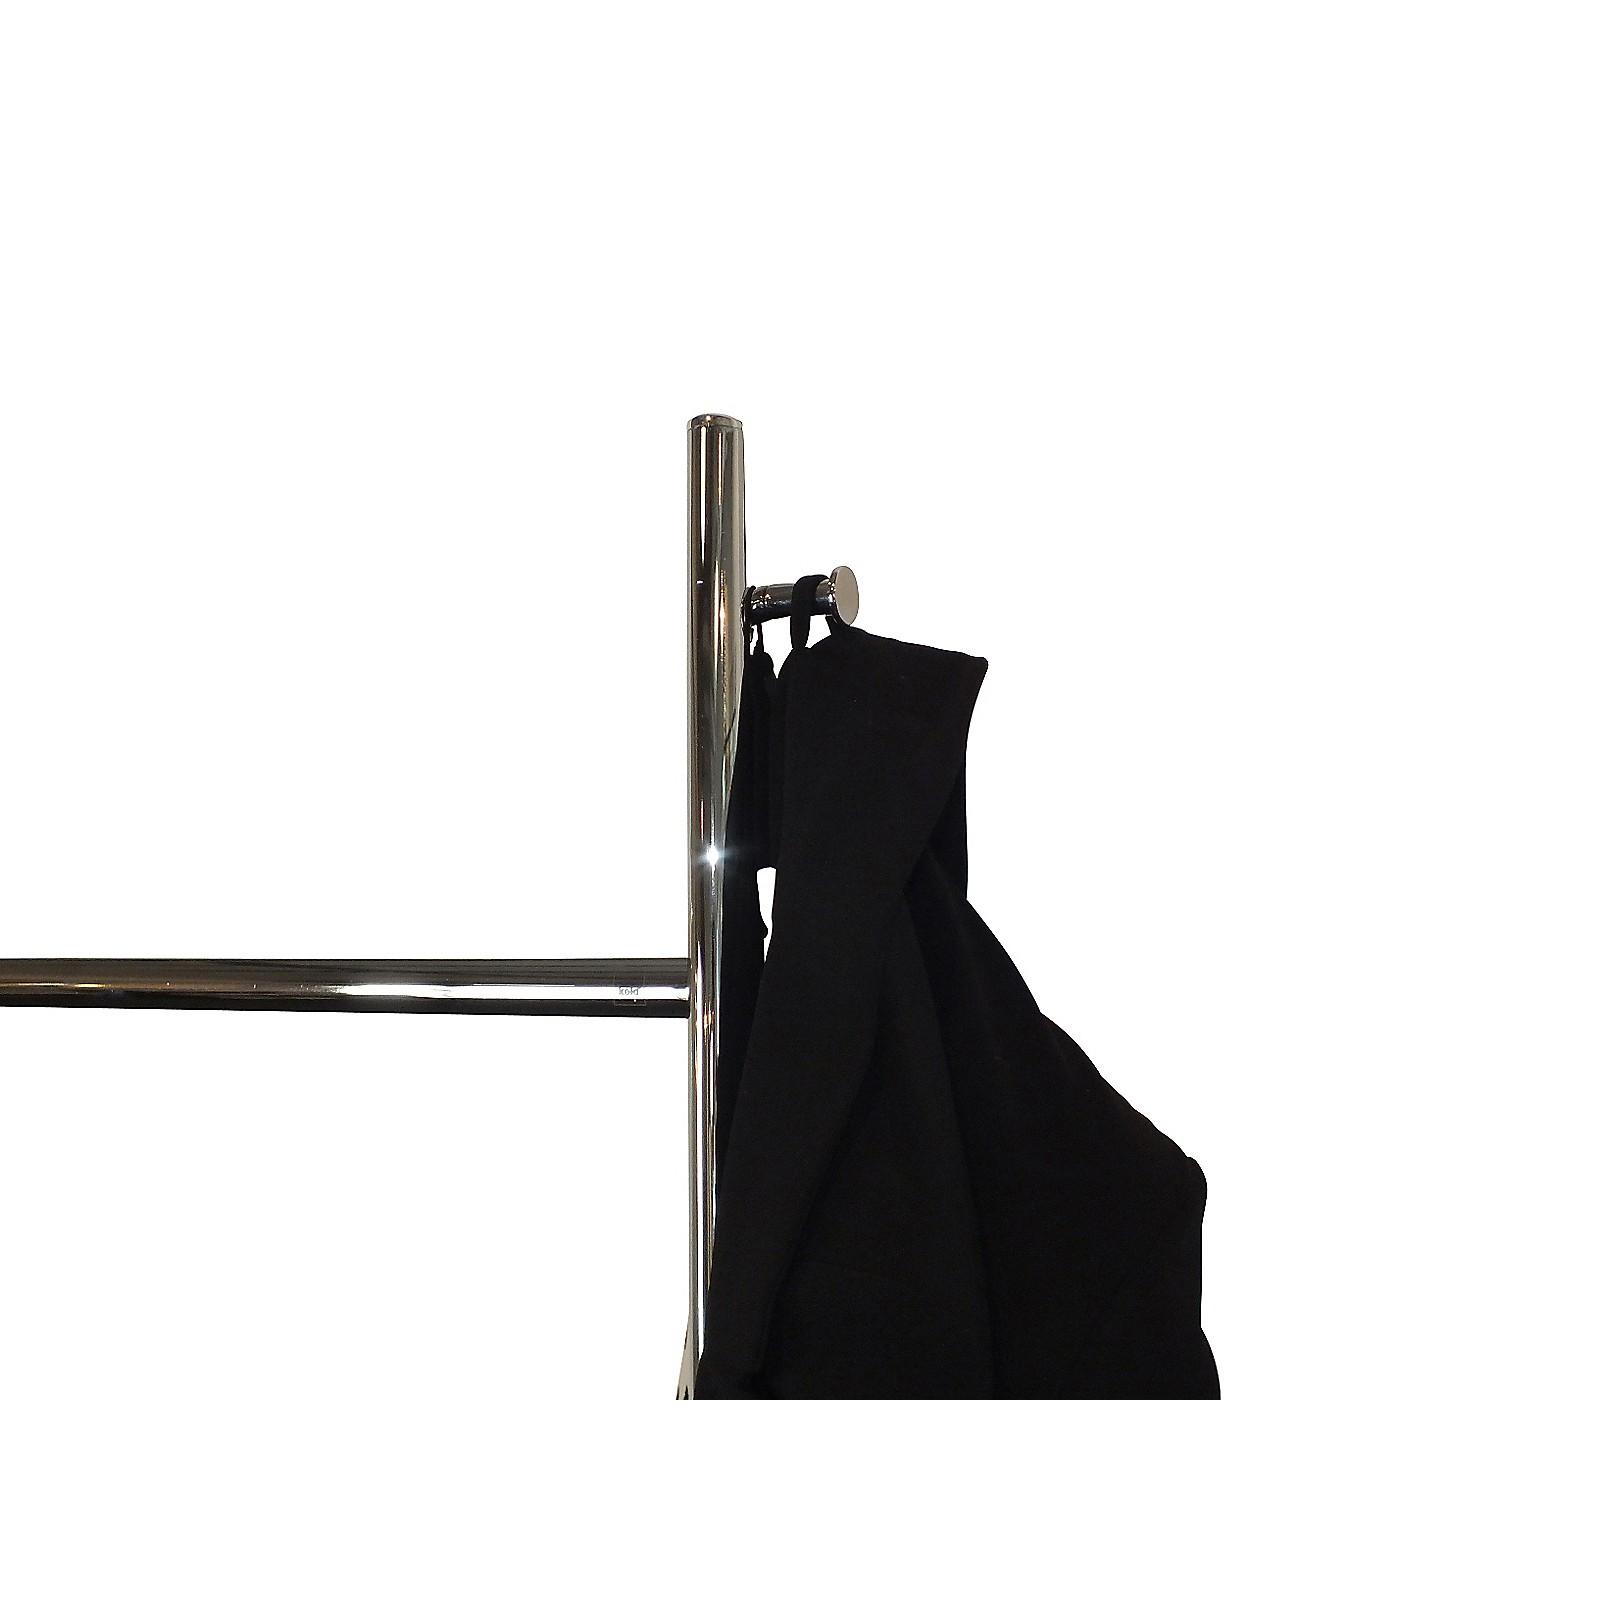 Kela Handtuchleiter LUNIS Metall Handtuchhalter